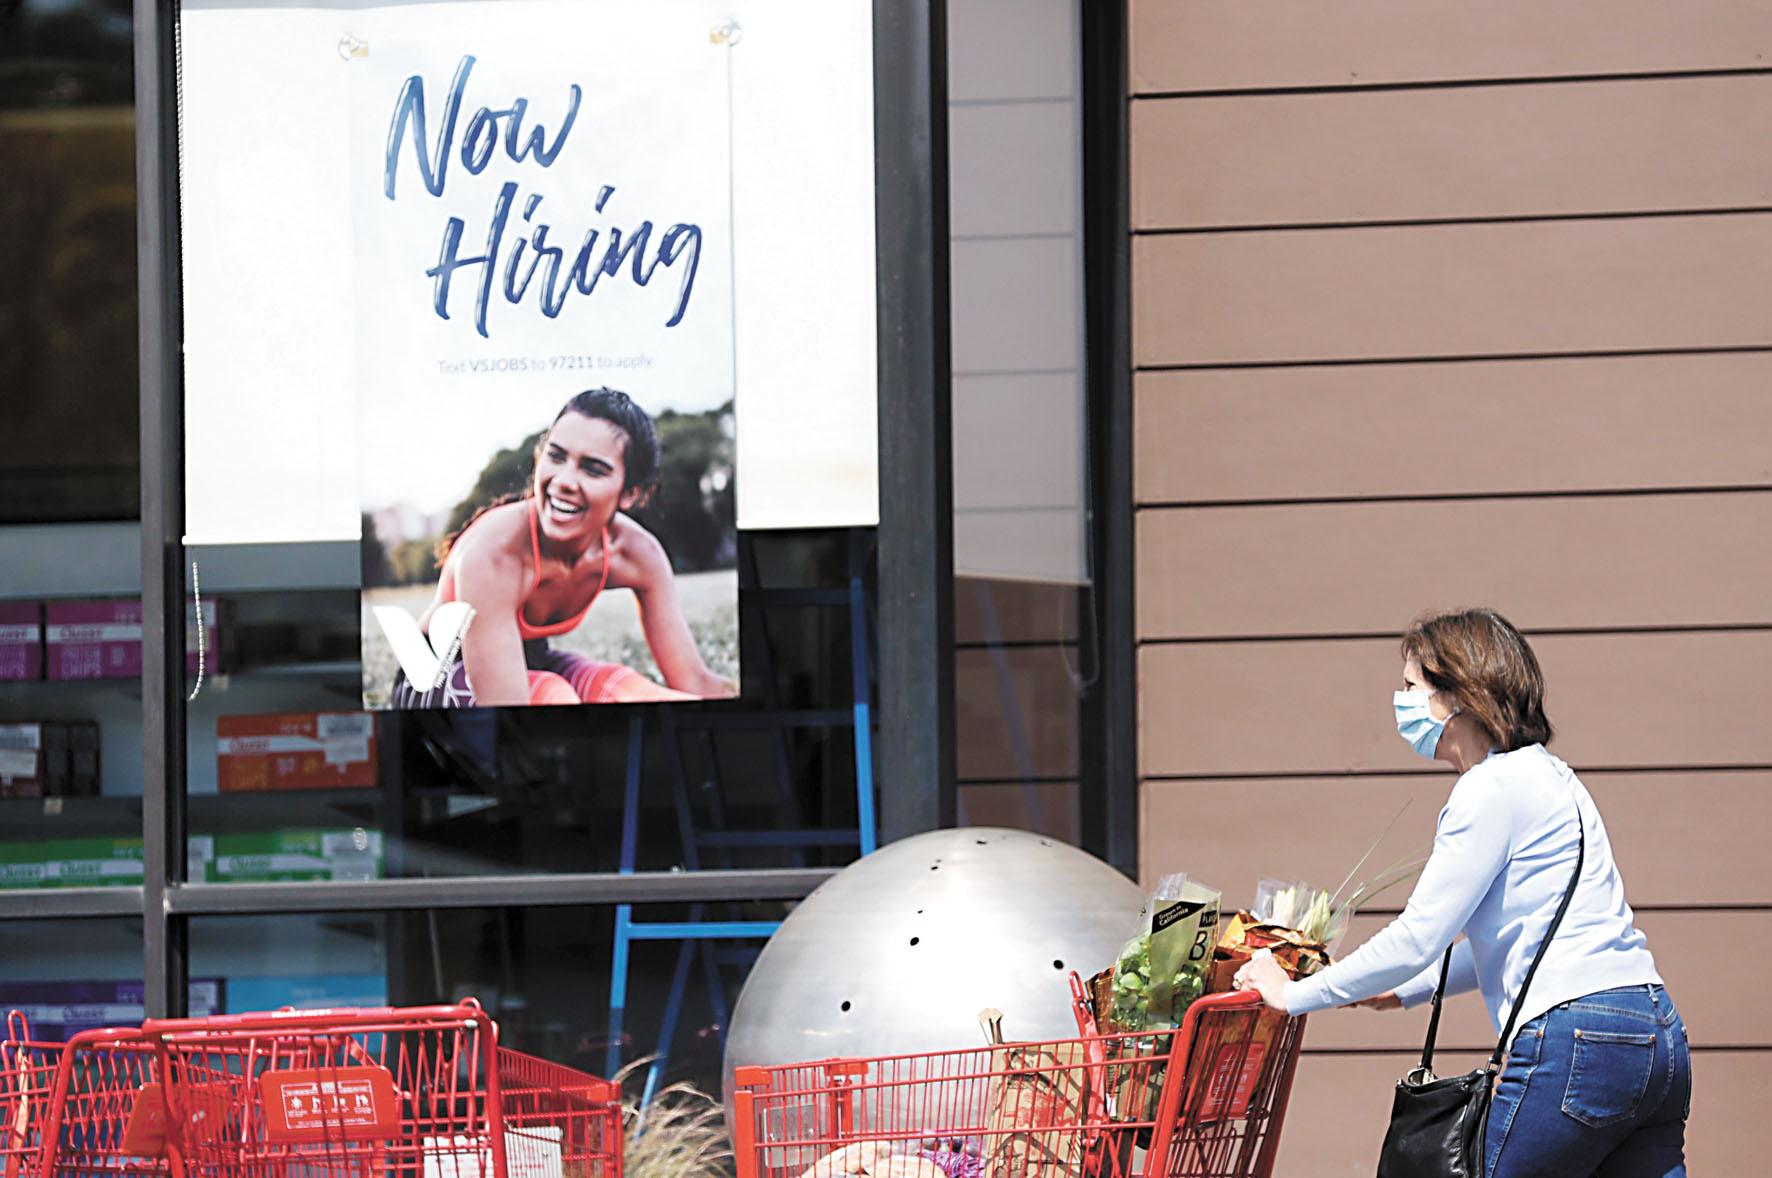 美國勞動市場加速復蘇,投資者更加期待夏季經濟強勢反彈。資料圖片